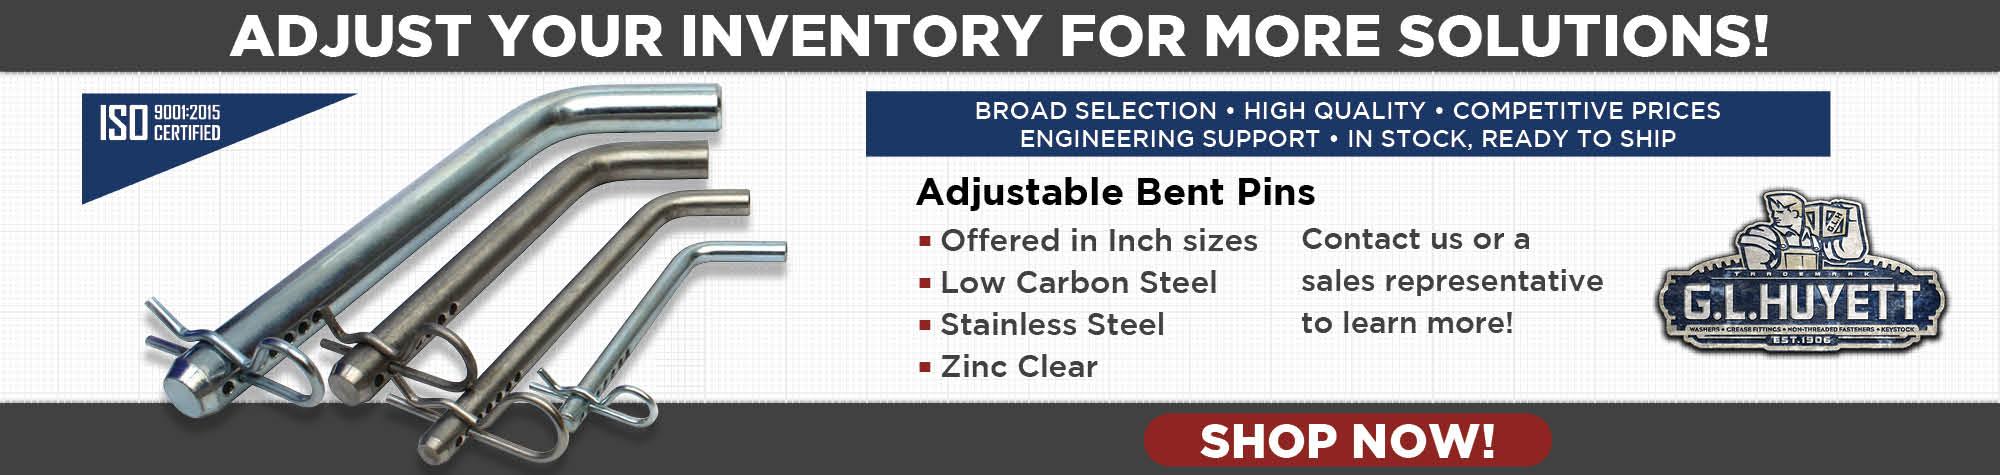 Adjustable Bent Pins